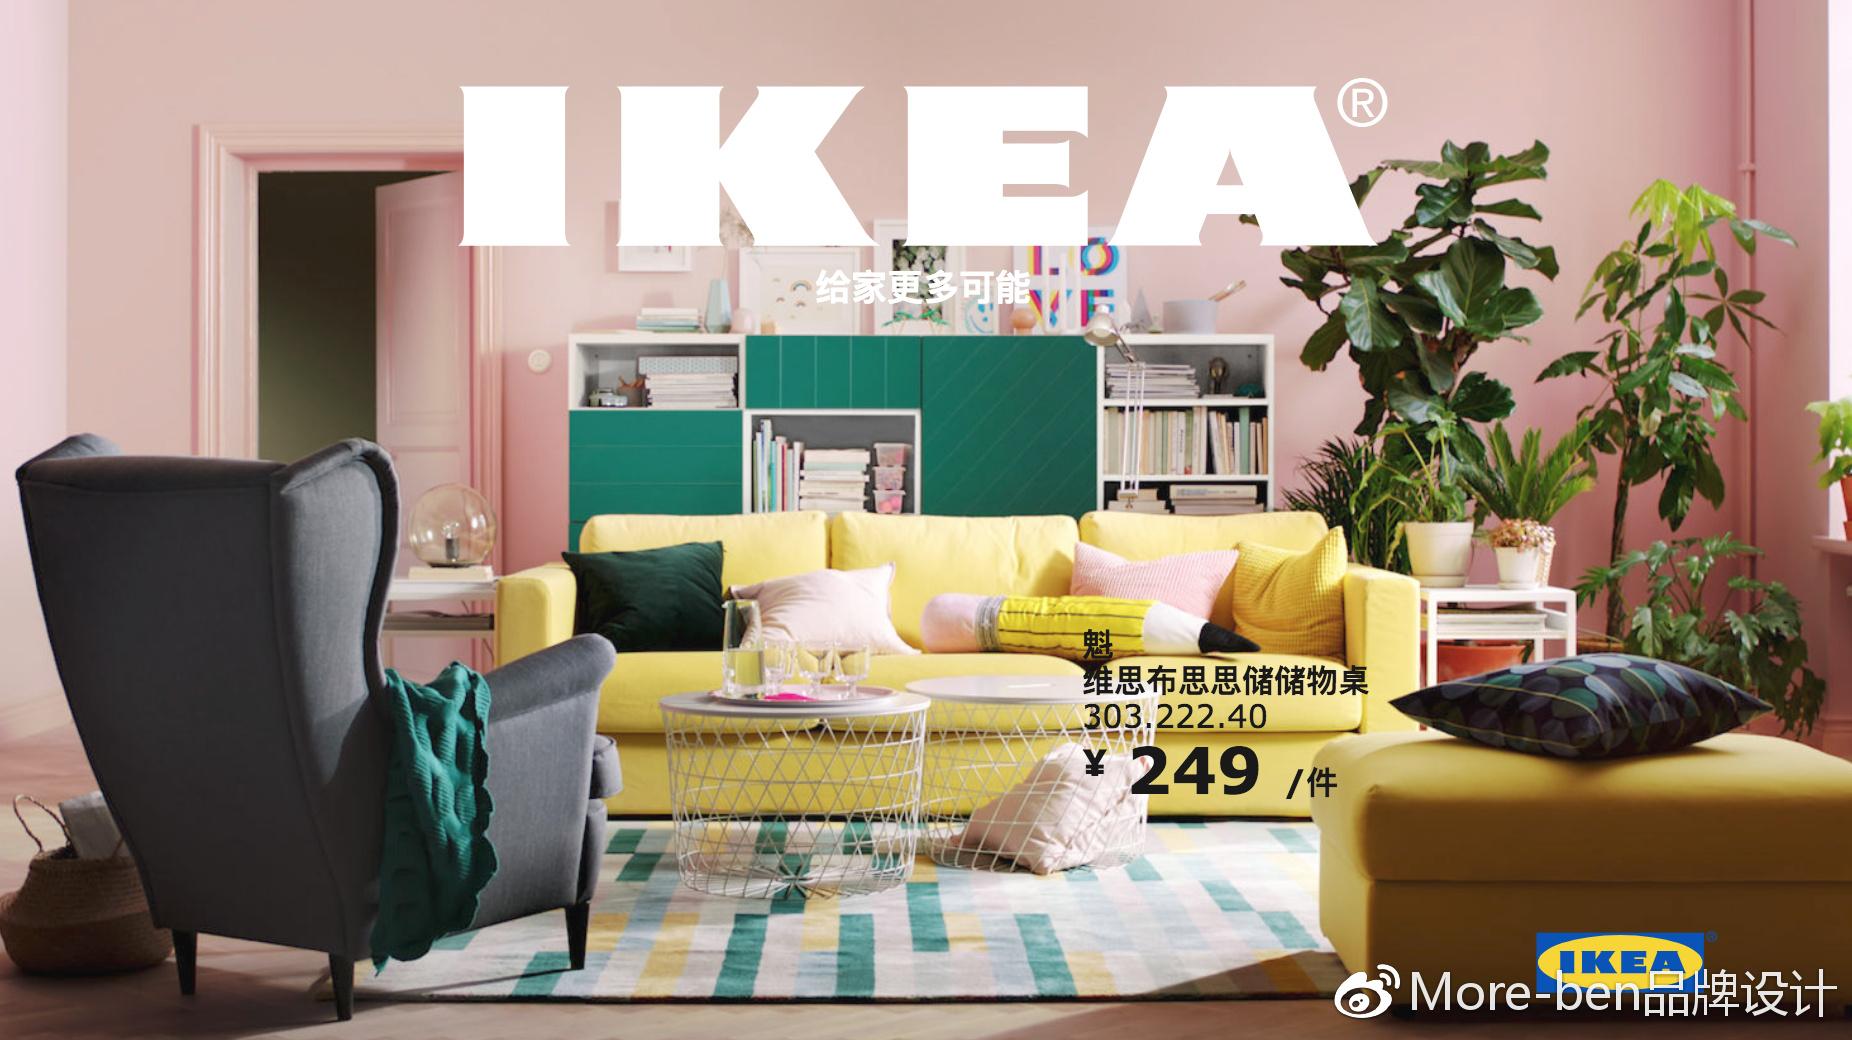 ikea kitchen remodel cost closets 宜家 我的家 我要的生活 他们的会员 依然可以像很多年前那样 收到宜家免费寄送的最新产品名录